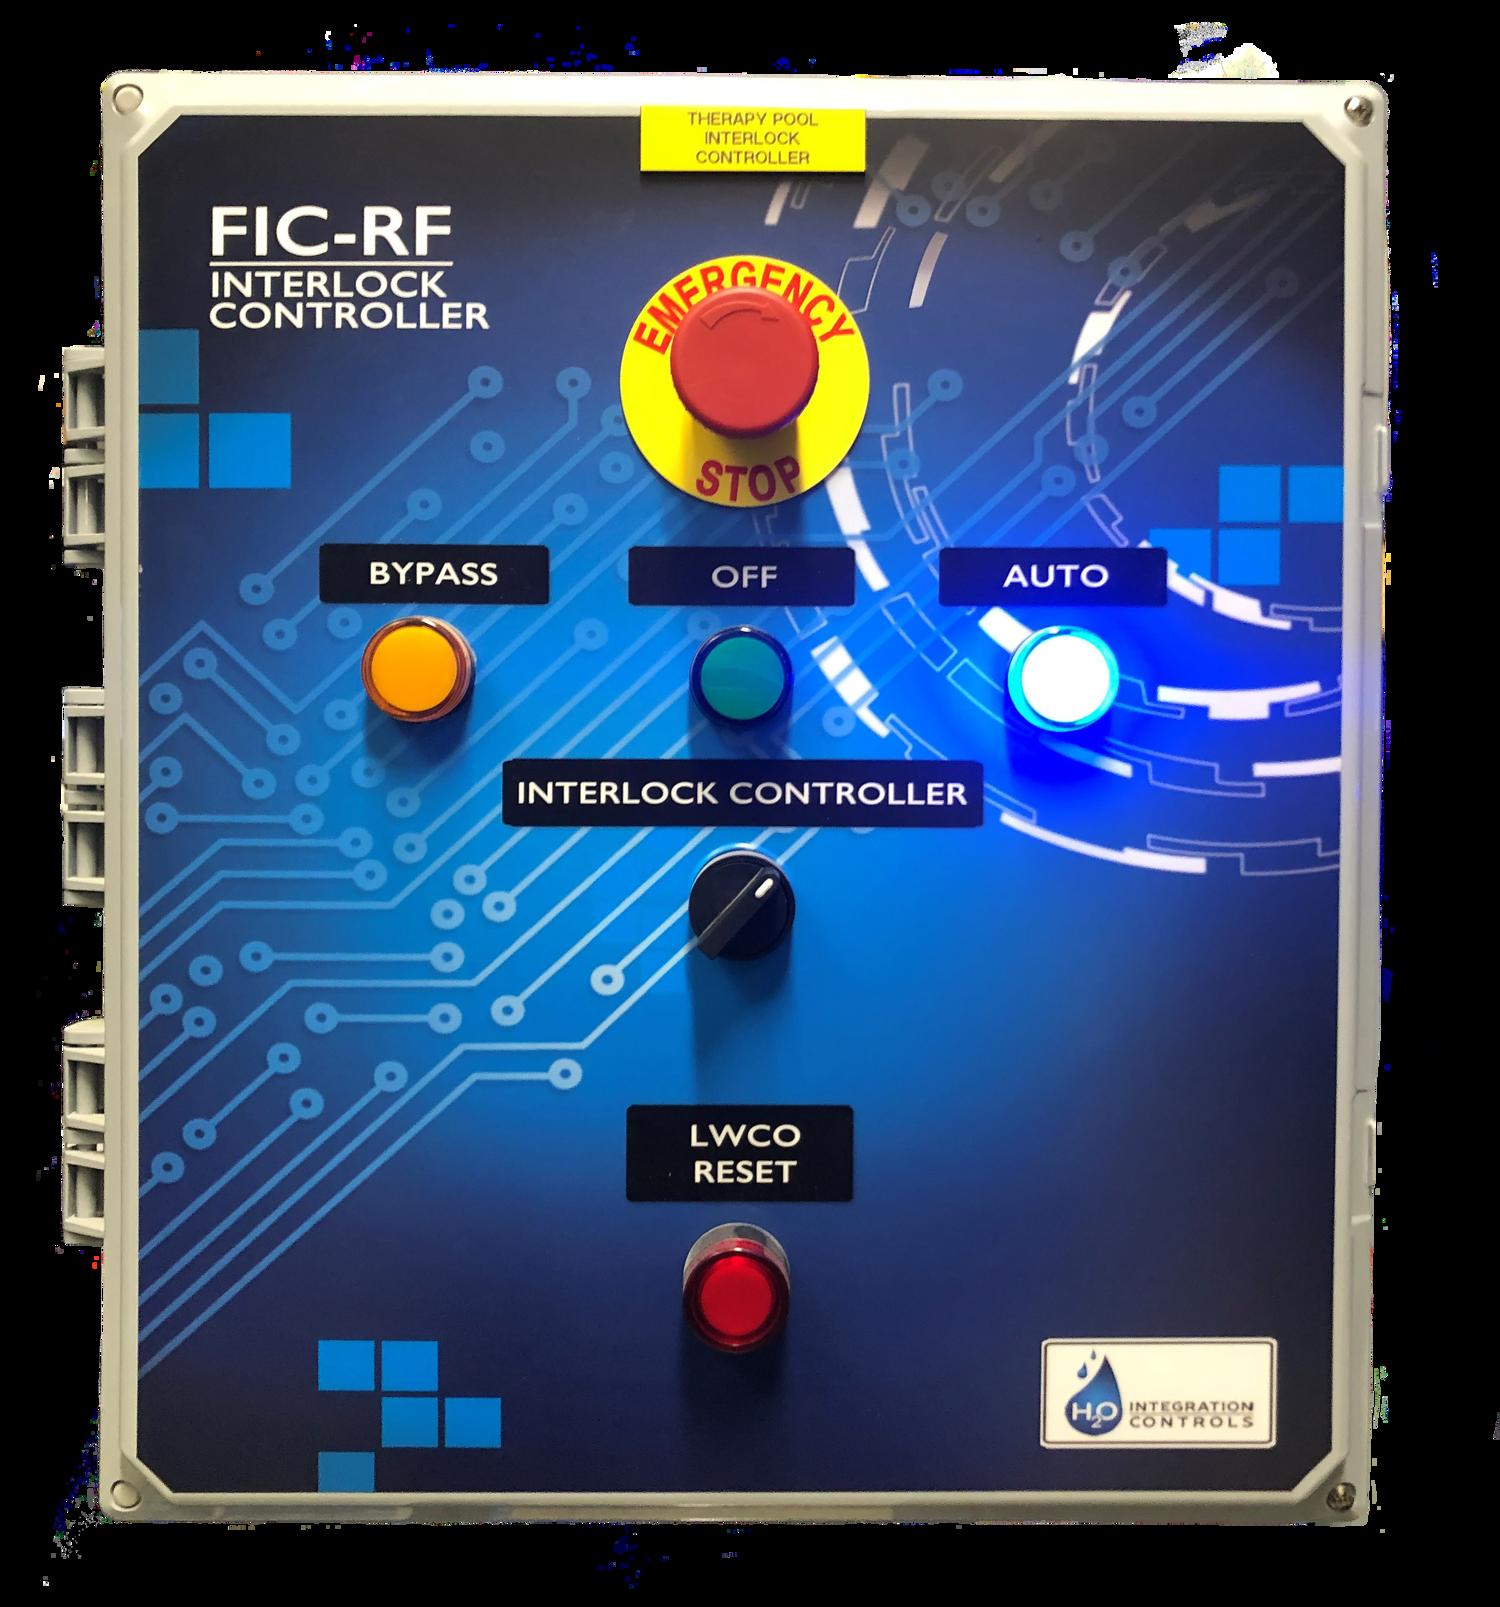 Interlock controller regenerative media filter